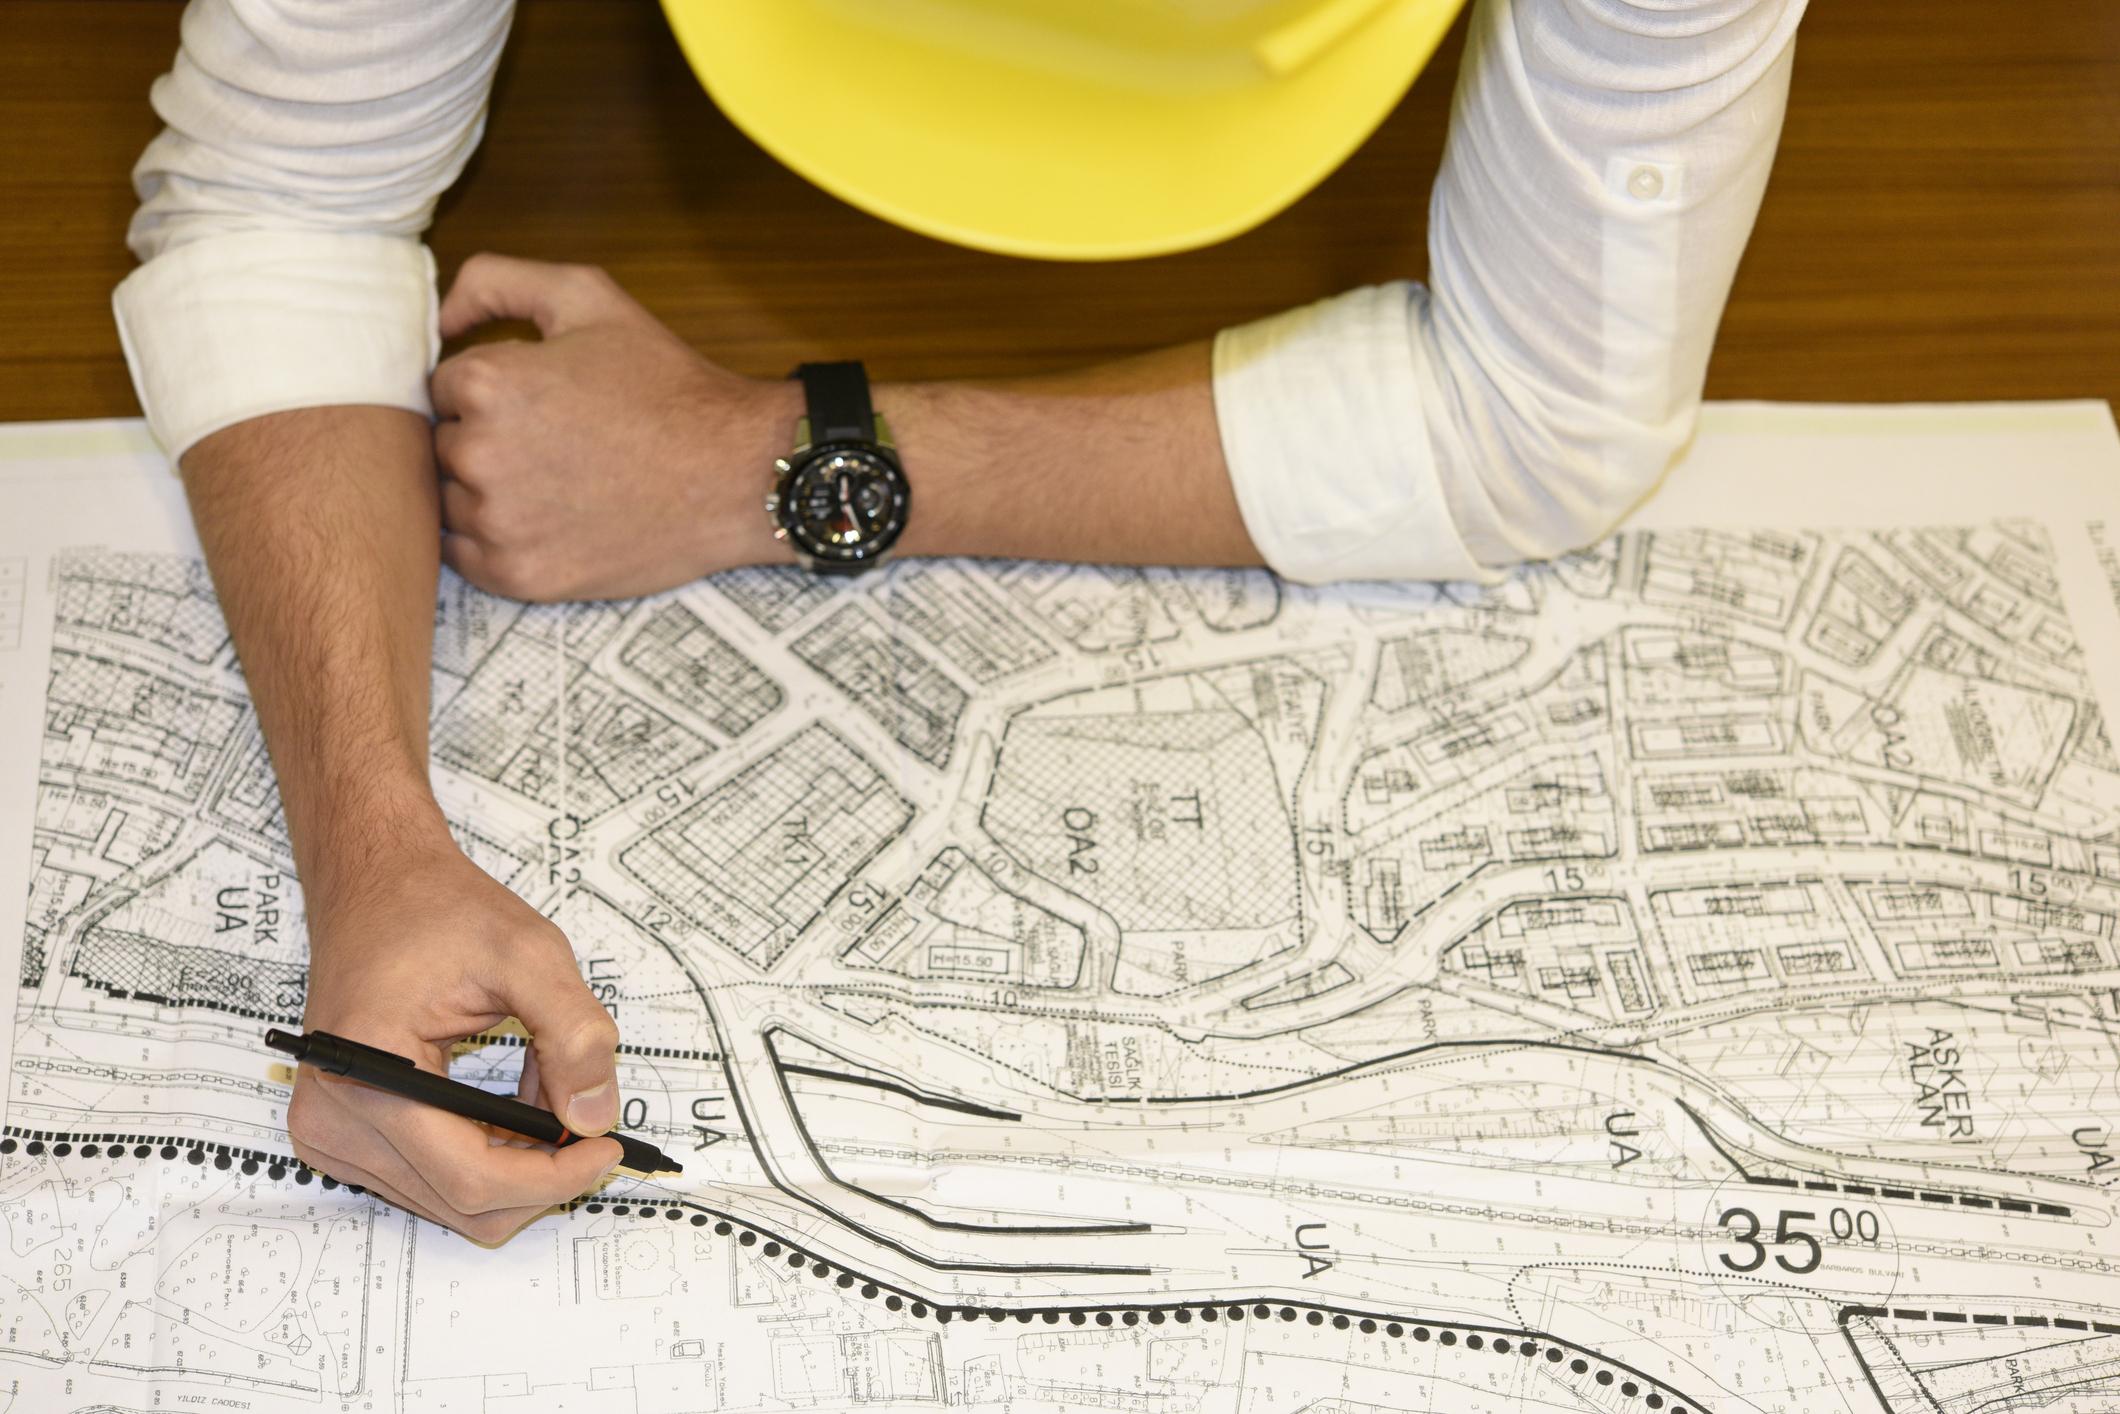 Lavoro Ingegnere Edile Architetto Catania ingegneria dei trasporti: dove studiare in italia, cosa si